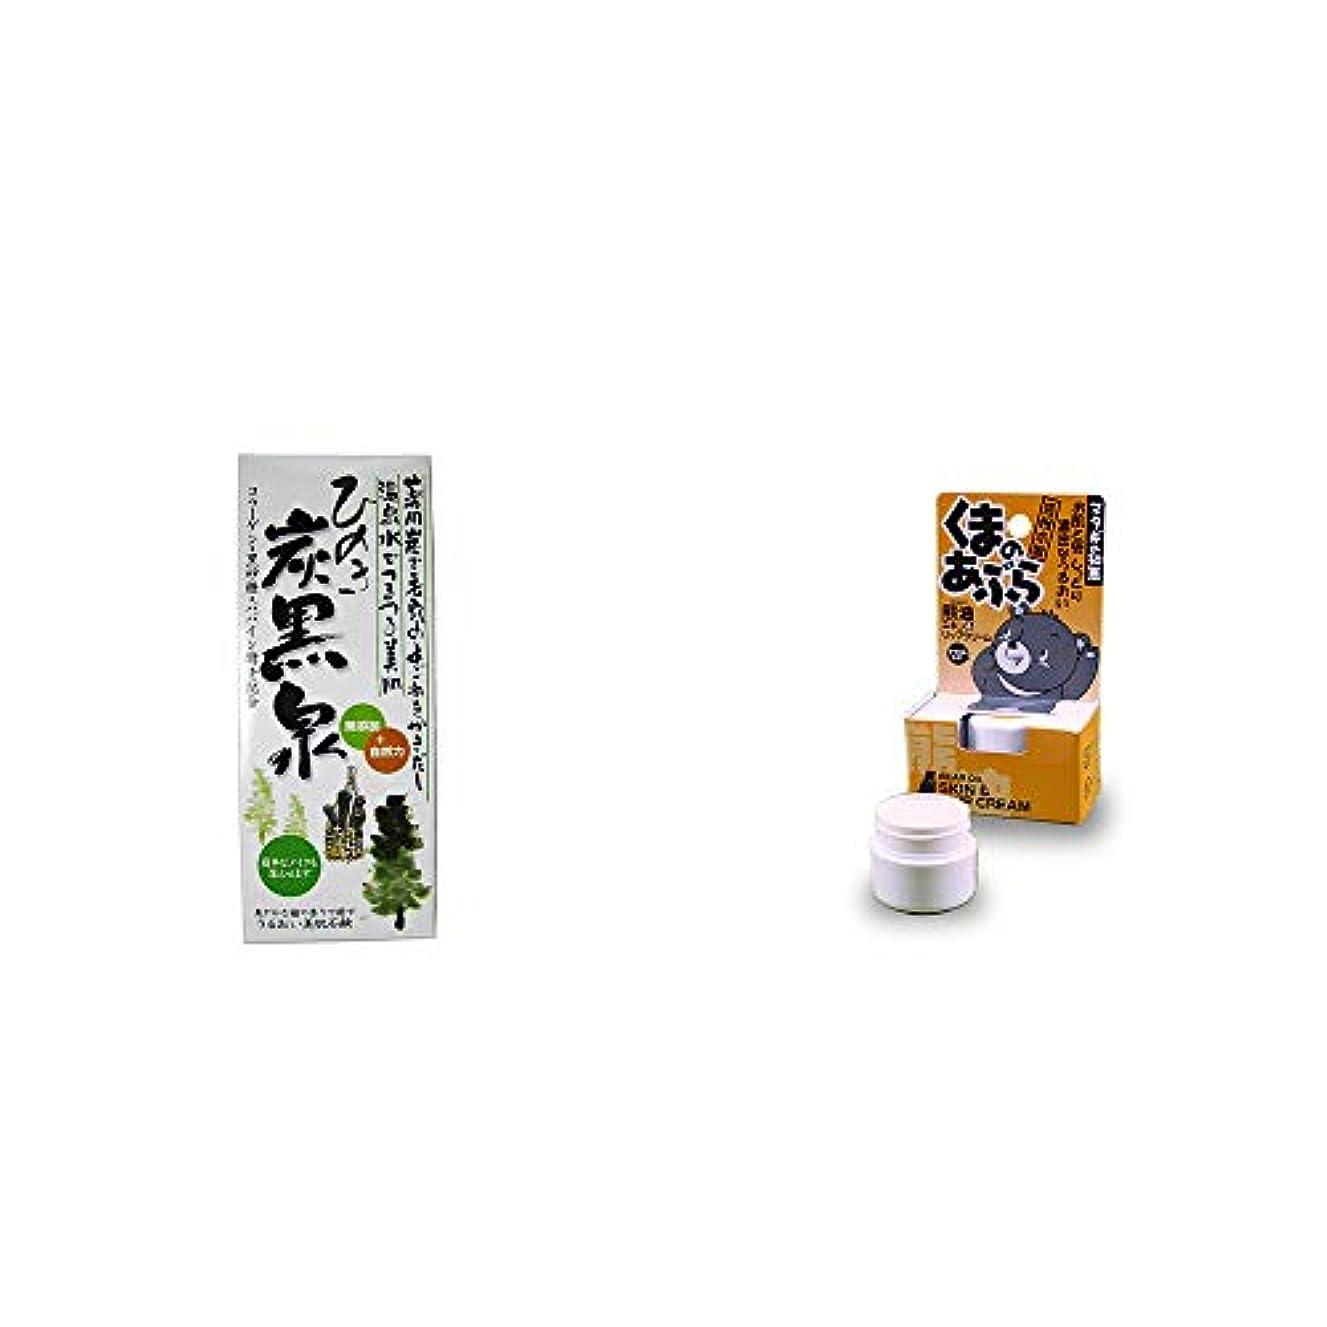 [2点セット] ひのき炭黒泉 箱入り(75g×3)?信州木曽 くまのあぶら 熊油スキン&リップクリーム(9g)